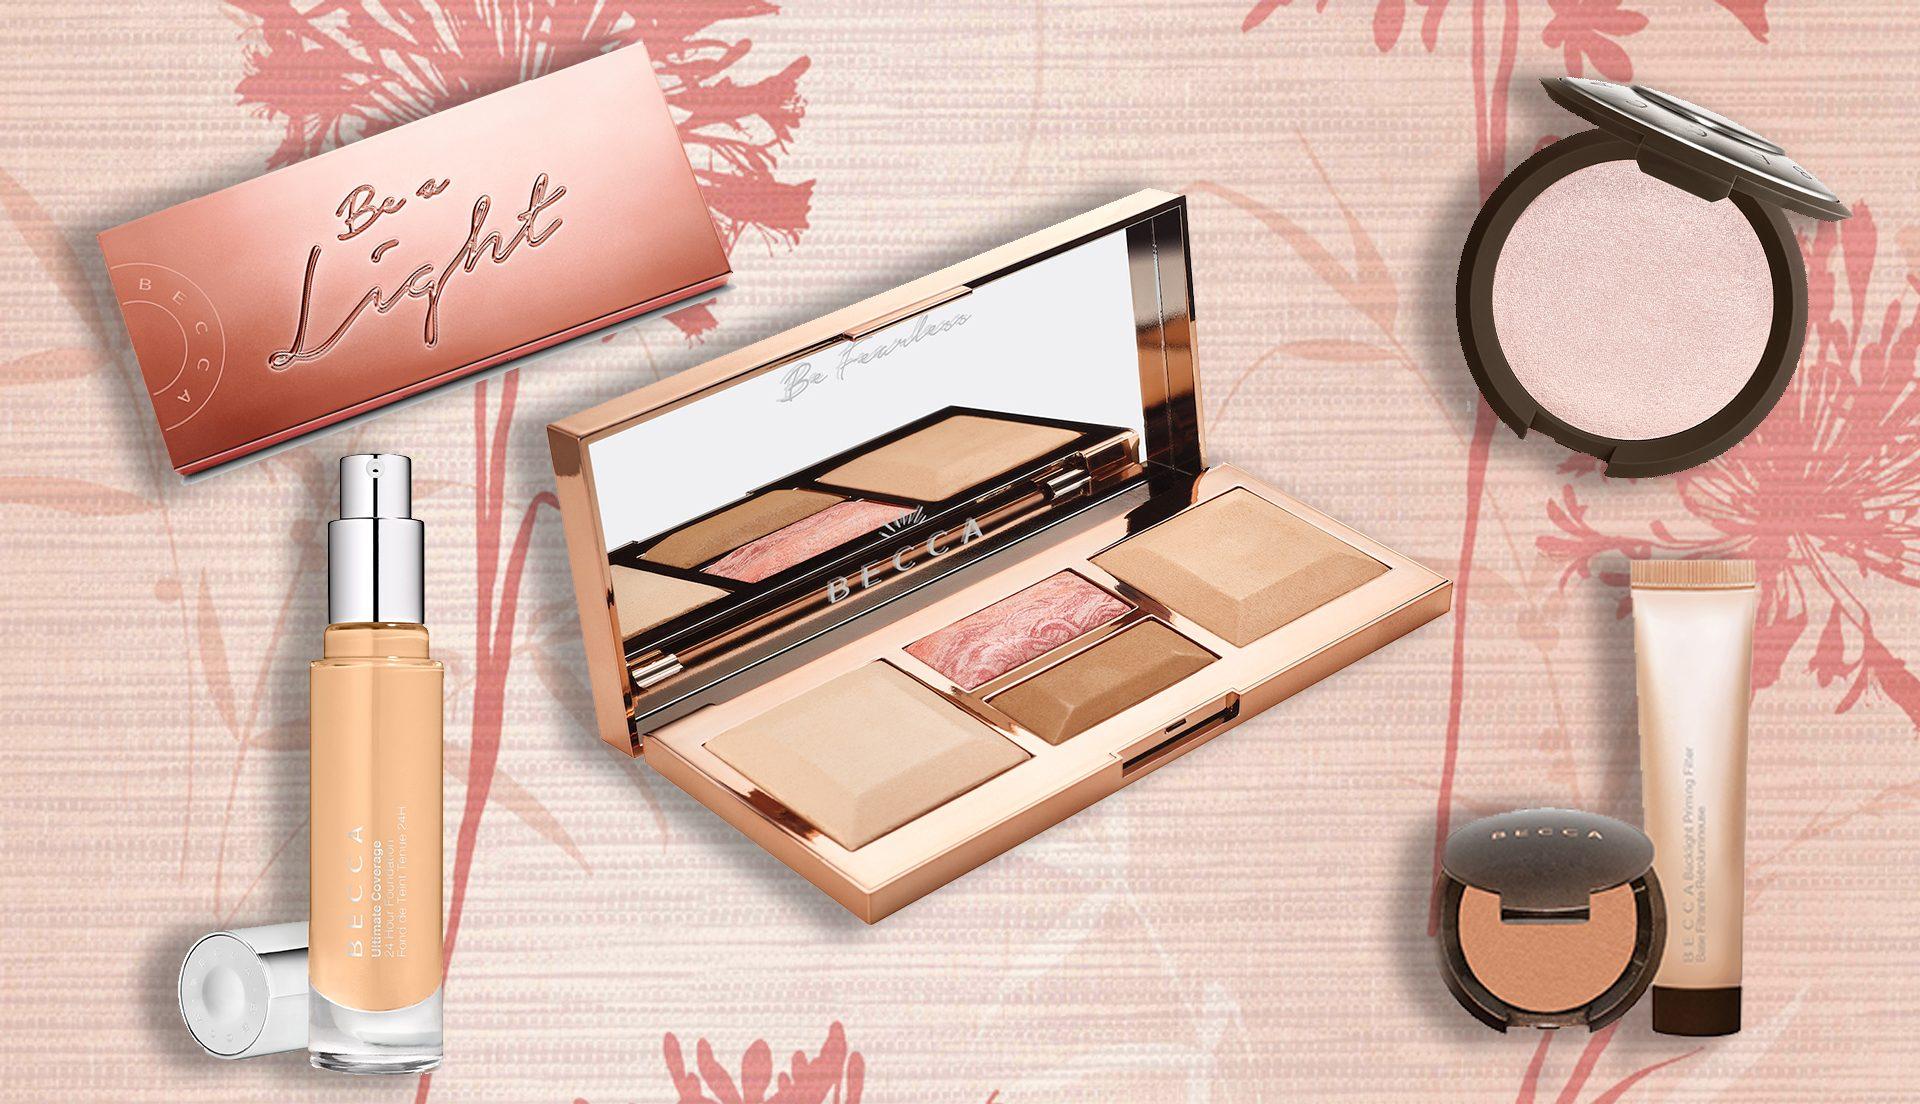 Tutte le novità Becca Cosmetics: la nuova palette viso Be a Light, l'Ultimate Coverage Foundation e i nuovi illuminanti, info, prezzi, swatch, opinioni